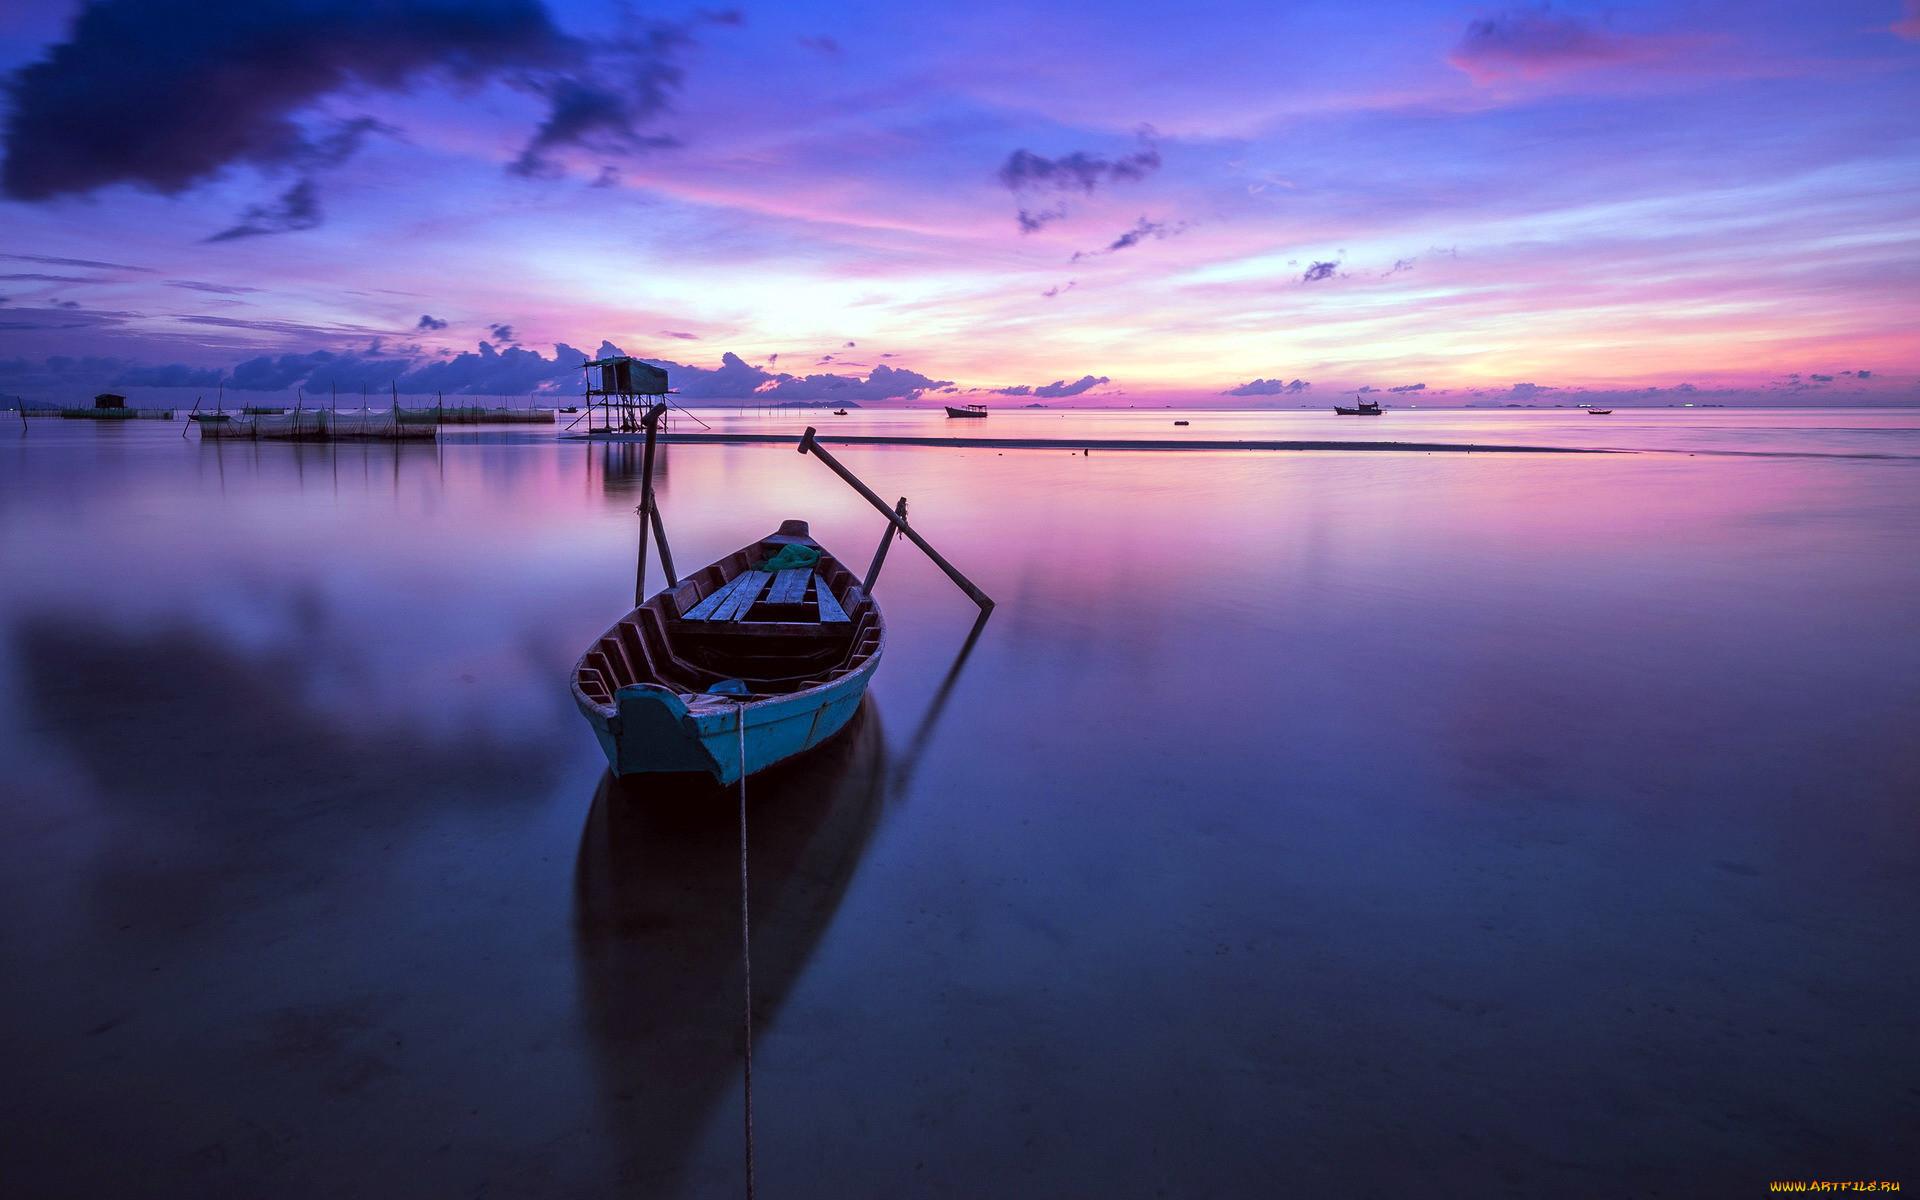 часто, увидев картинка лодка цвета неба семьях устраивают